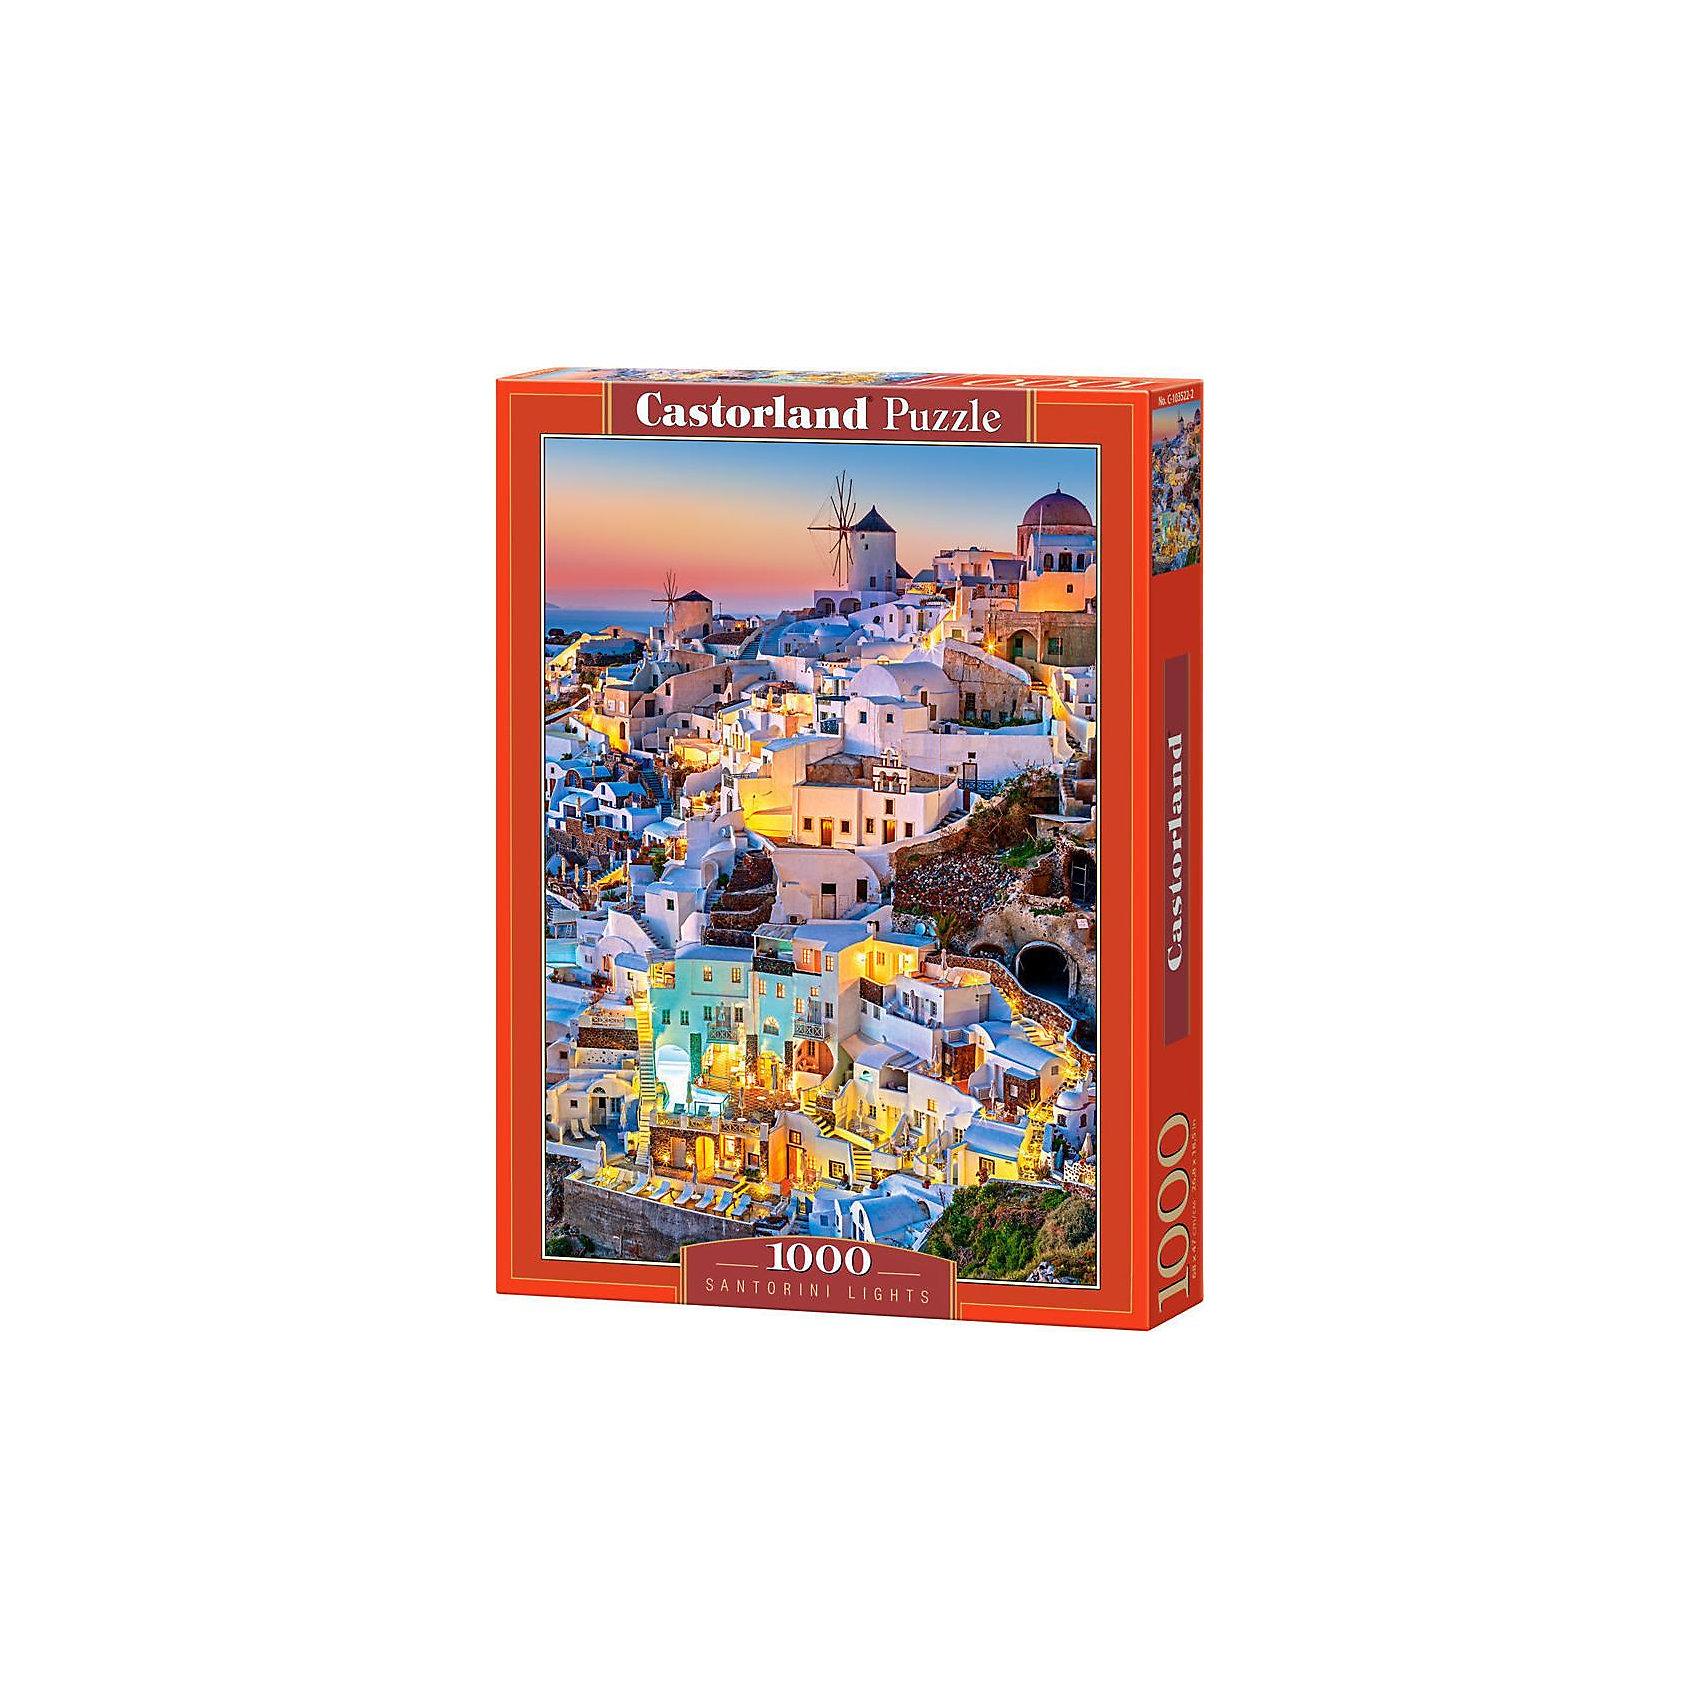 Пазл Огни Санторини, 1000 деталей, CastorlandПазлы для детей постарше<br>Пазл Огни Санторини, 1000 деталей, Castorland, (Касторленд)<br><br>Характеристики:<br><br>• яркие цвета<br>• привлекательная картинка<br>• количество деталей: 1000<br>• размер пазла: 68х47 см<br>• размер упаковки: 35х25х5 см<br><br>Огни Санторини - набор пазлов от Касторленд. Ребенок сможет собрать красивую картинку с изображением пейзажа Санторини. Игра поможет развить логику, мелкую моторику и пространственное мышление, а ребенок будет очень рад готовой картинке!<br><br>Пазл Огни Санторини, 1000 деталей, Castorland, (Касторленд) вы можете купить в нашем интернет-магазине.<br><br>Ширина мм: 350<br>Глубина мм: 50<br>Высота мм: 250<br>Вес г: 500<br>Возраст от месяцев: 144<br>Возраст до месяцев: 2147483647<br>Пол: Унисекс<br>Возраст: Детский<br>SKU: 5244650